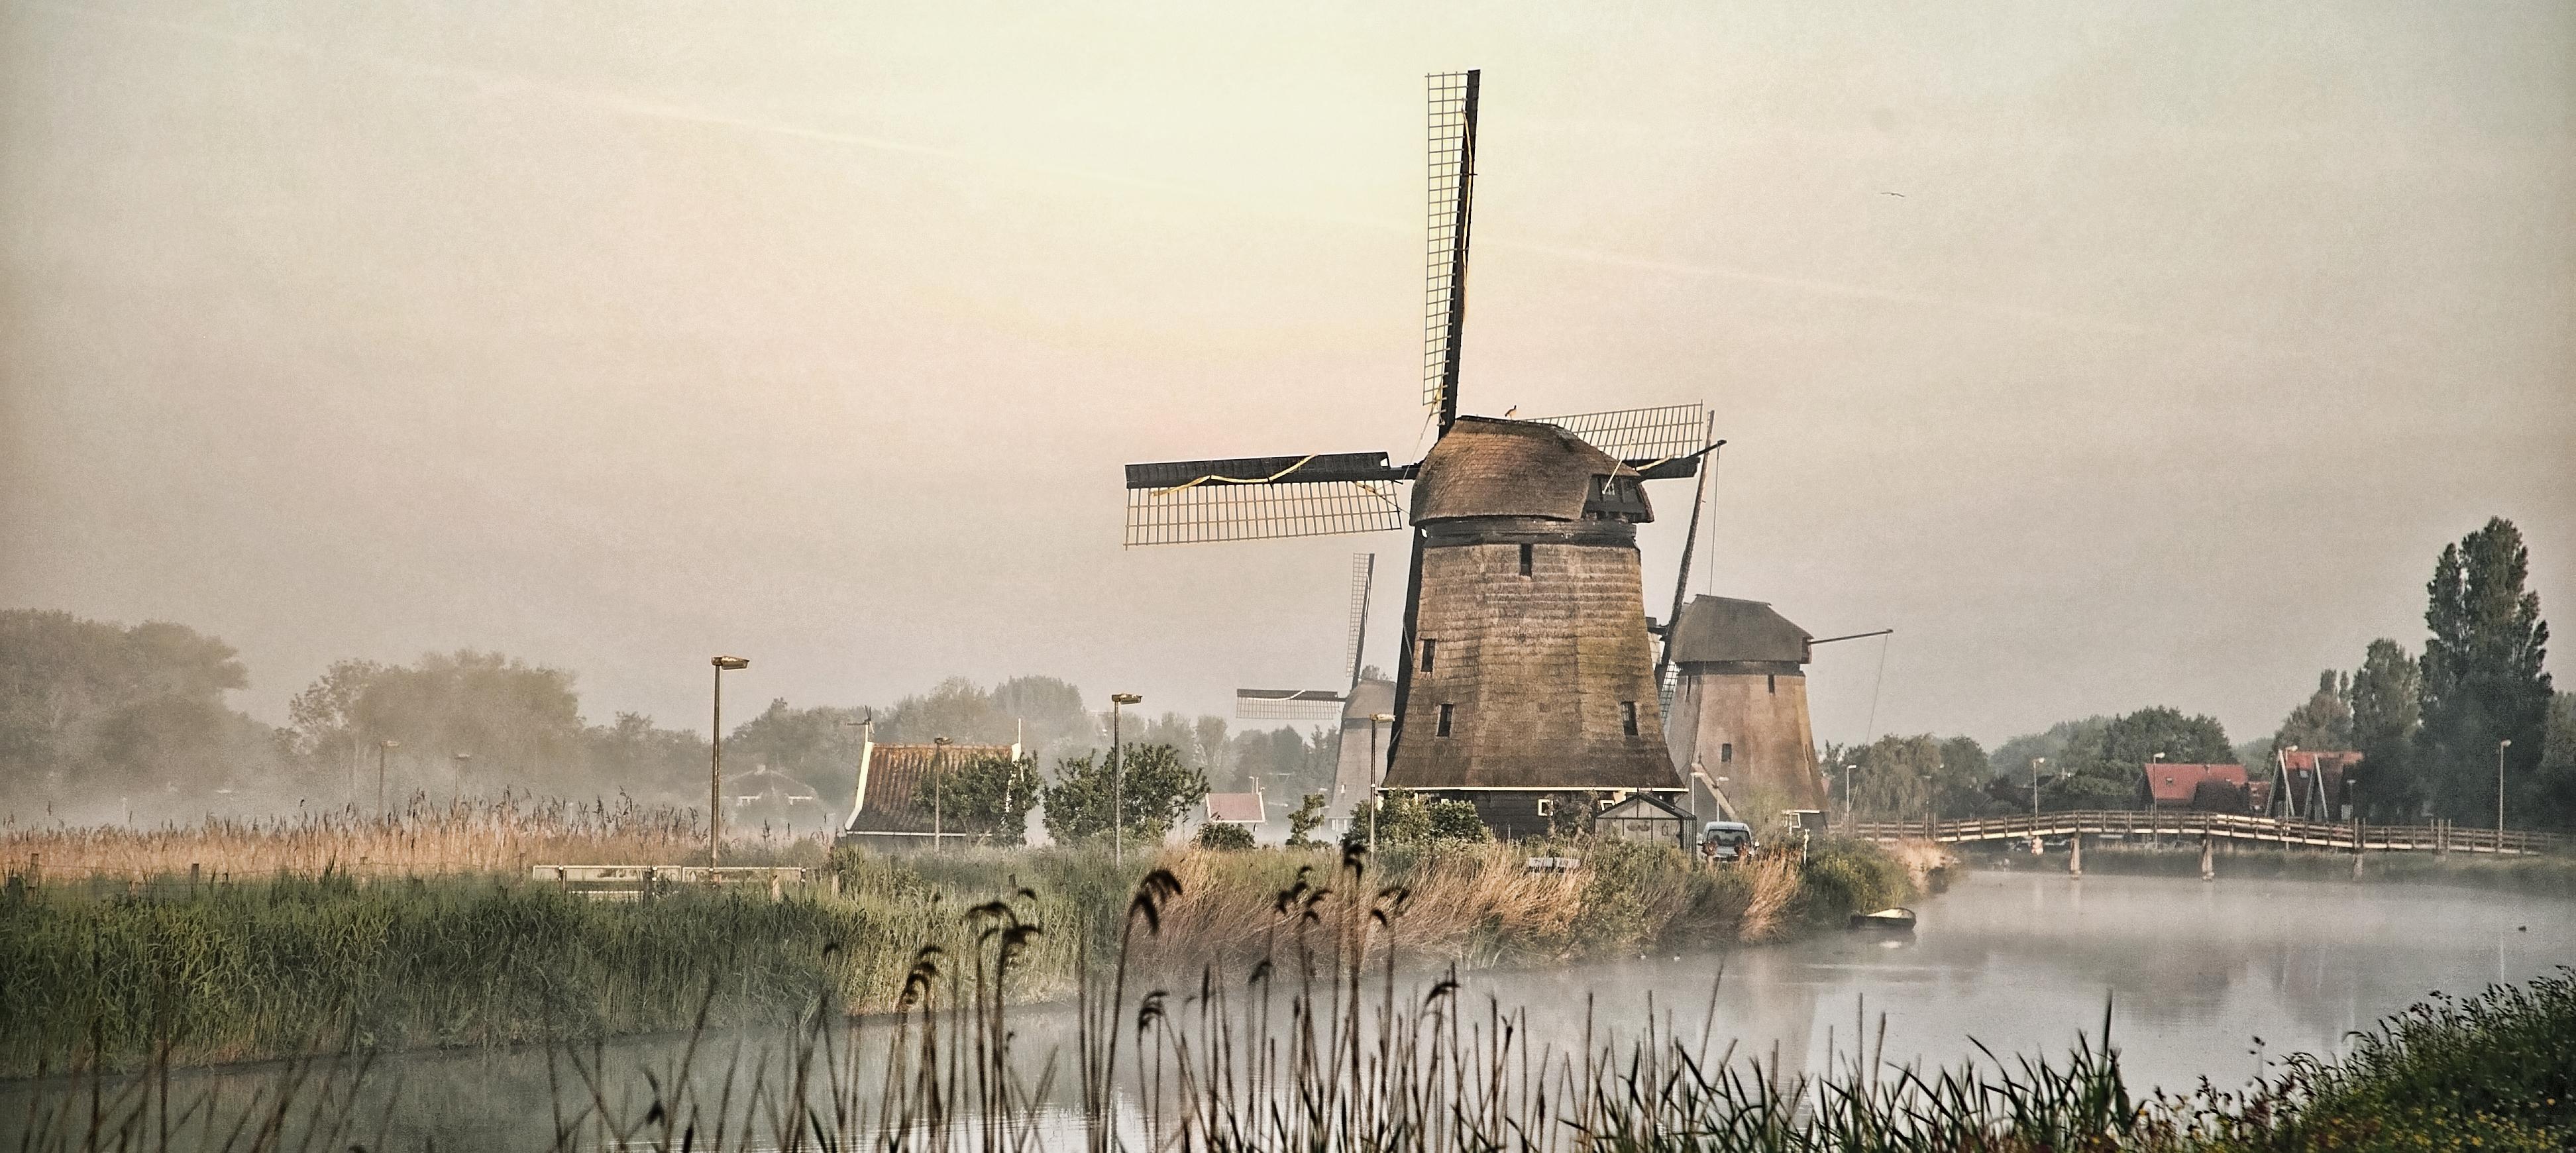 Molenkade Alkmaar - Mist